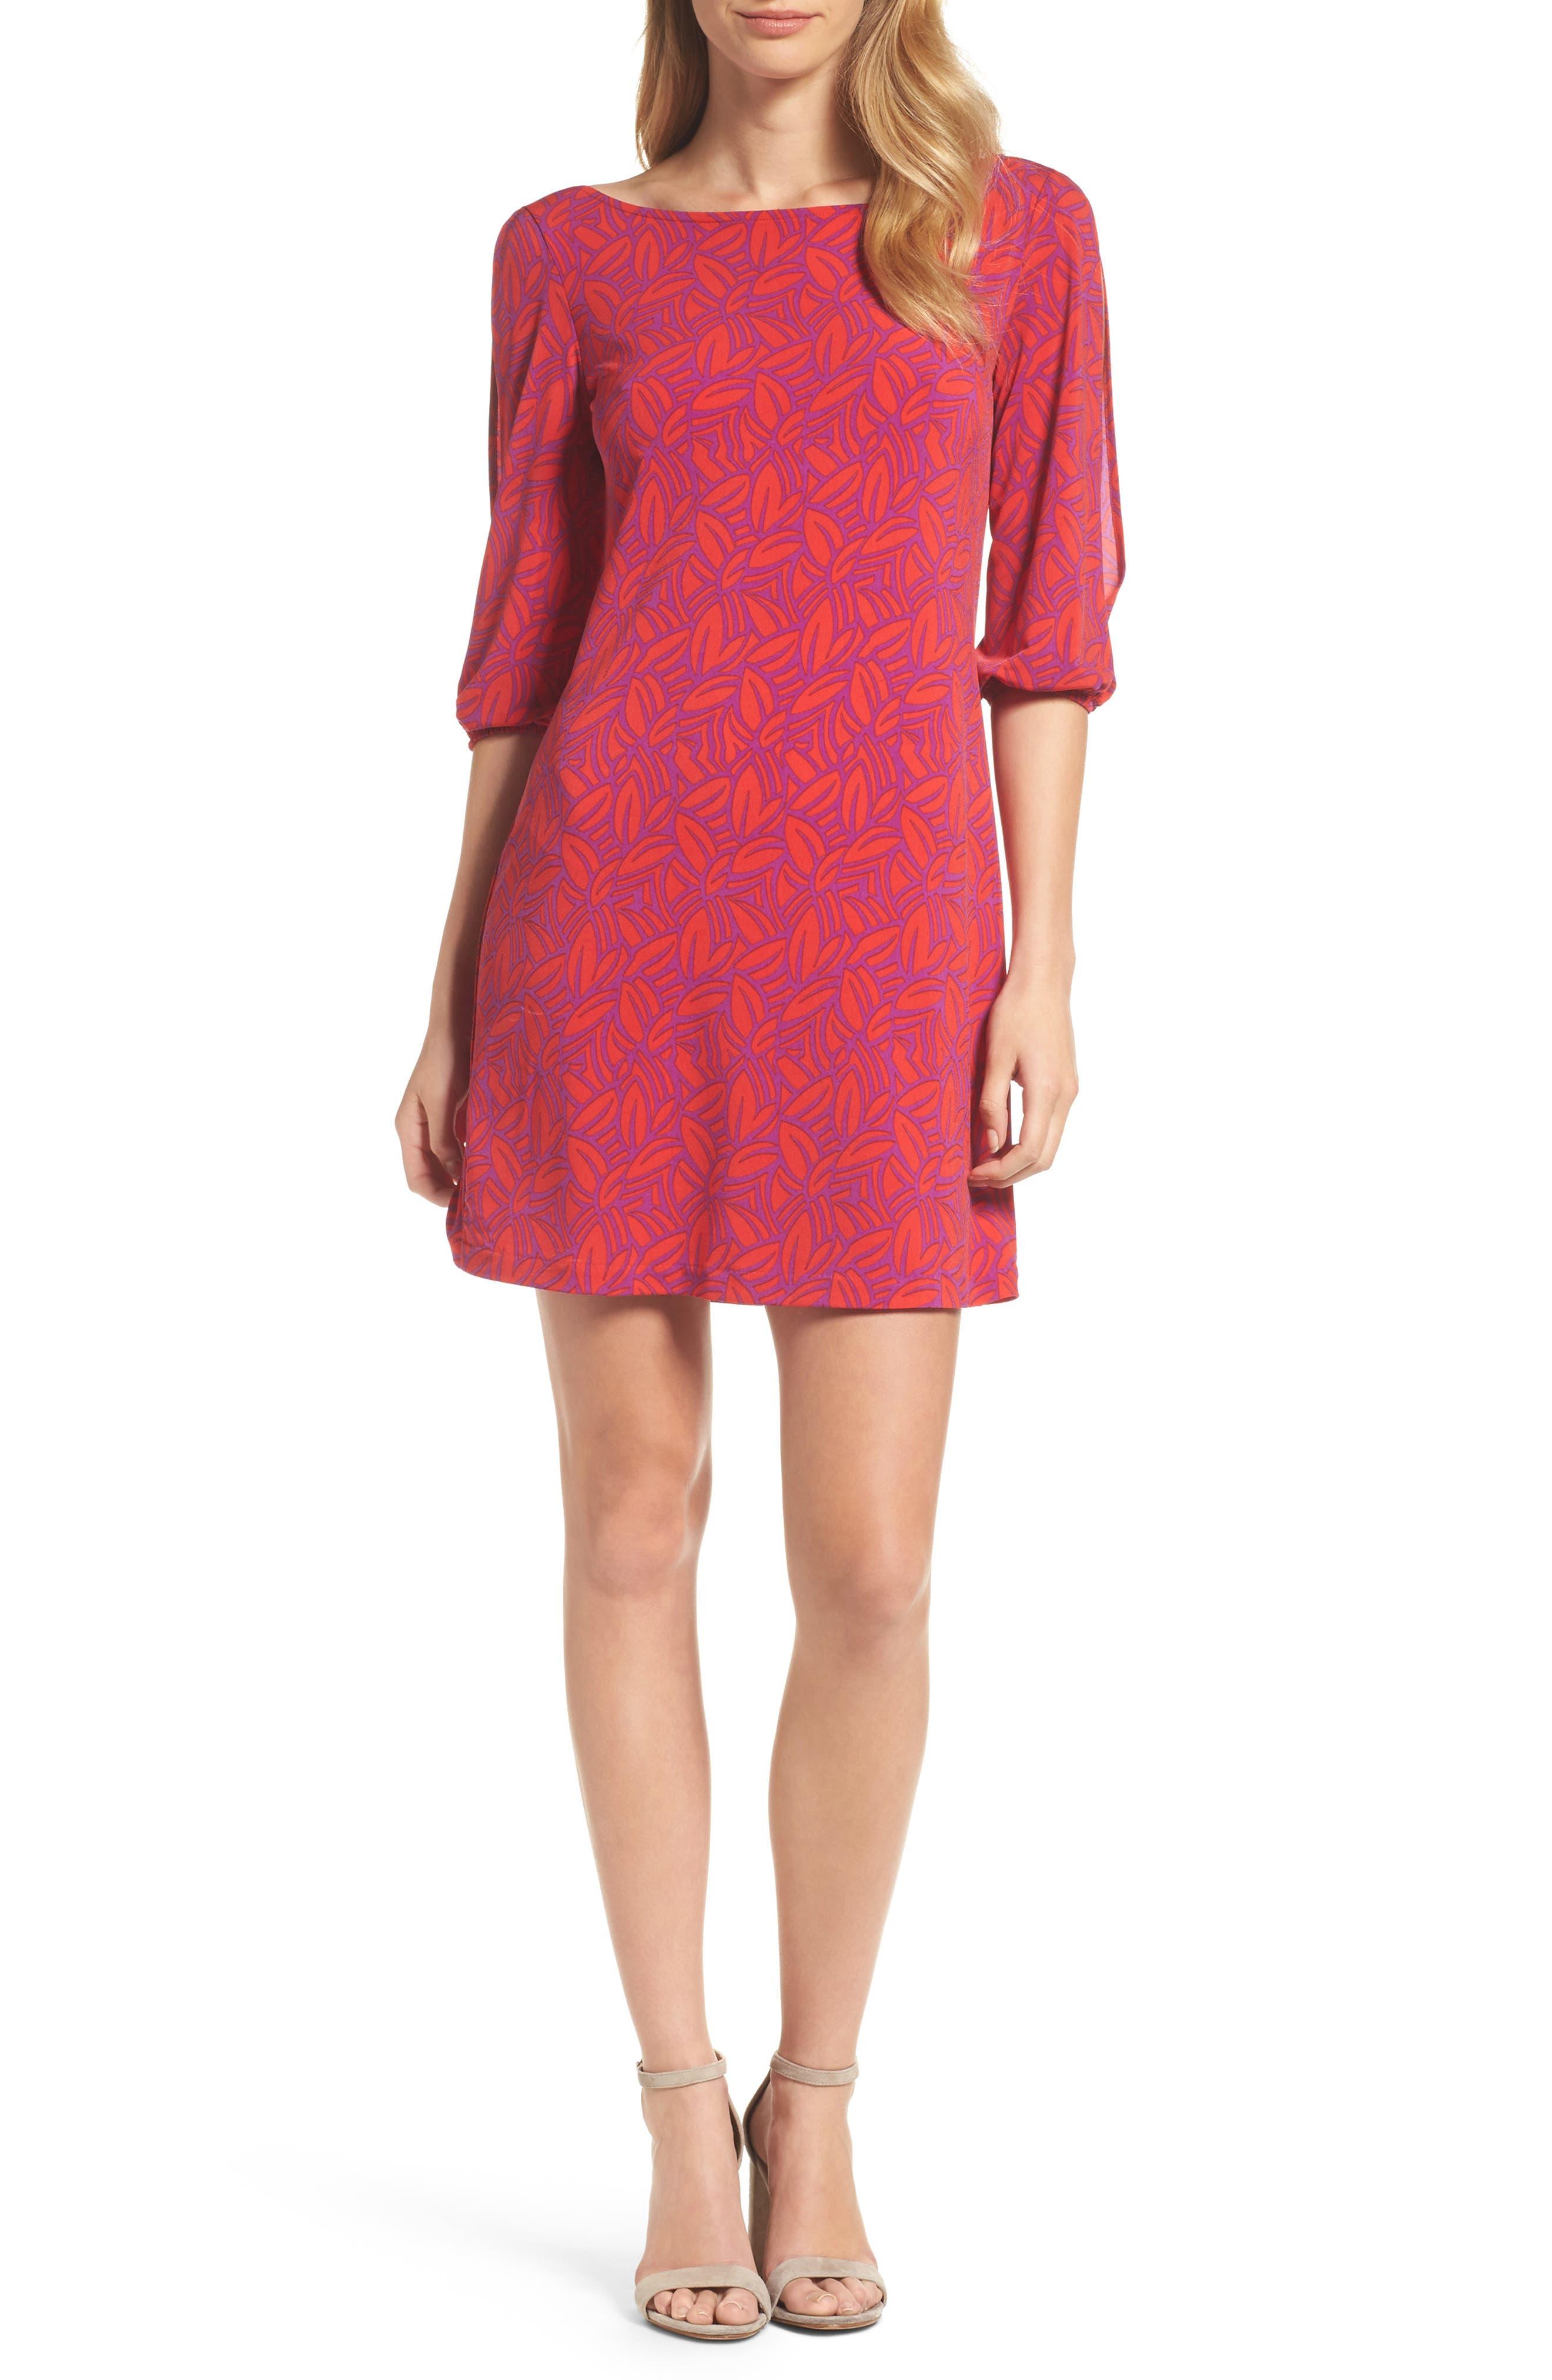 Leota Nouveau Cold Shoulder Shift Dress